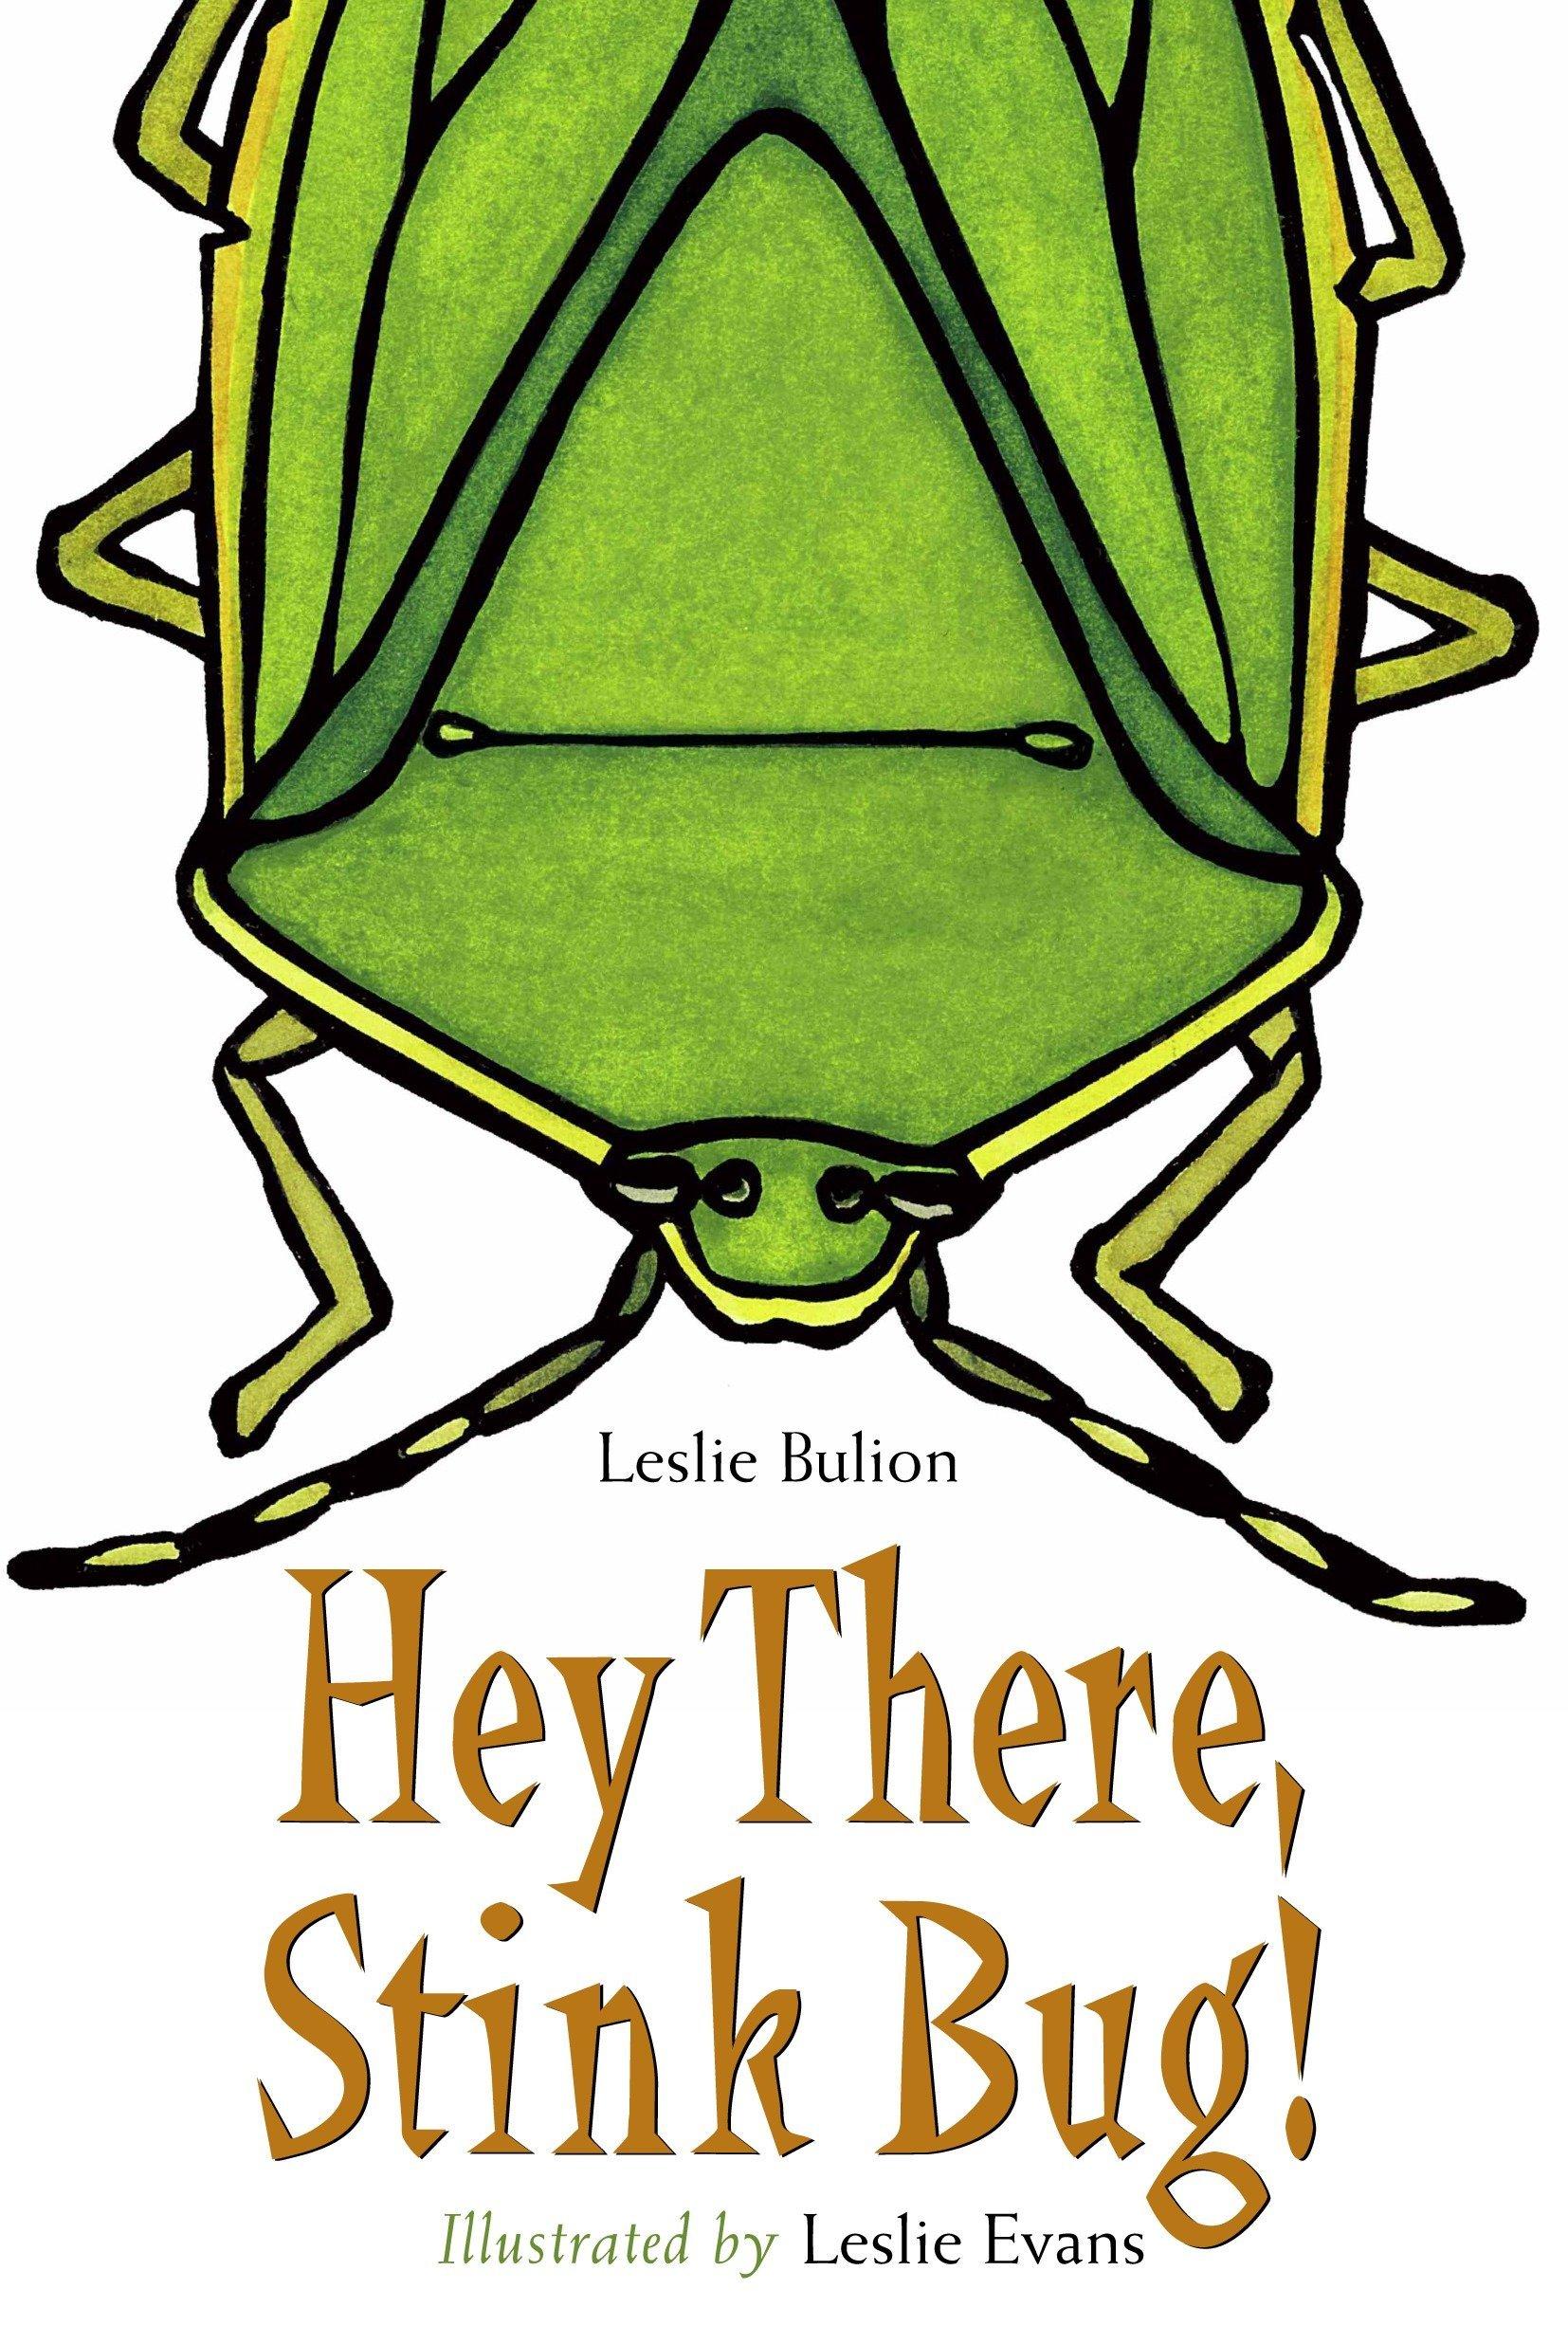 Hey There, Stink Bug!: Leslie Bulion, Leslie Evans: 9781580893404 ...